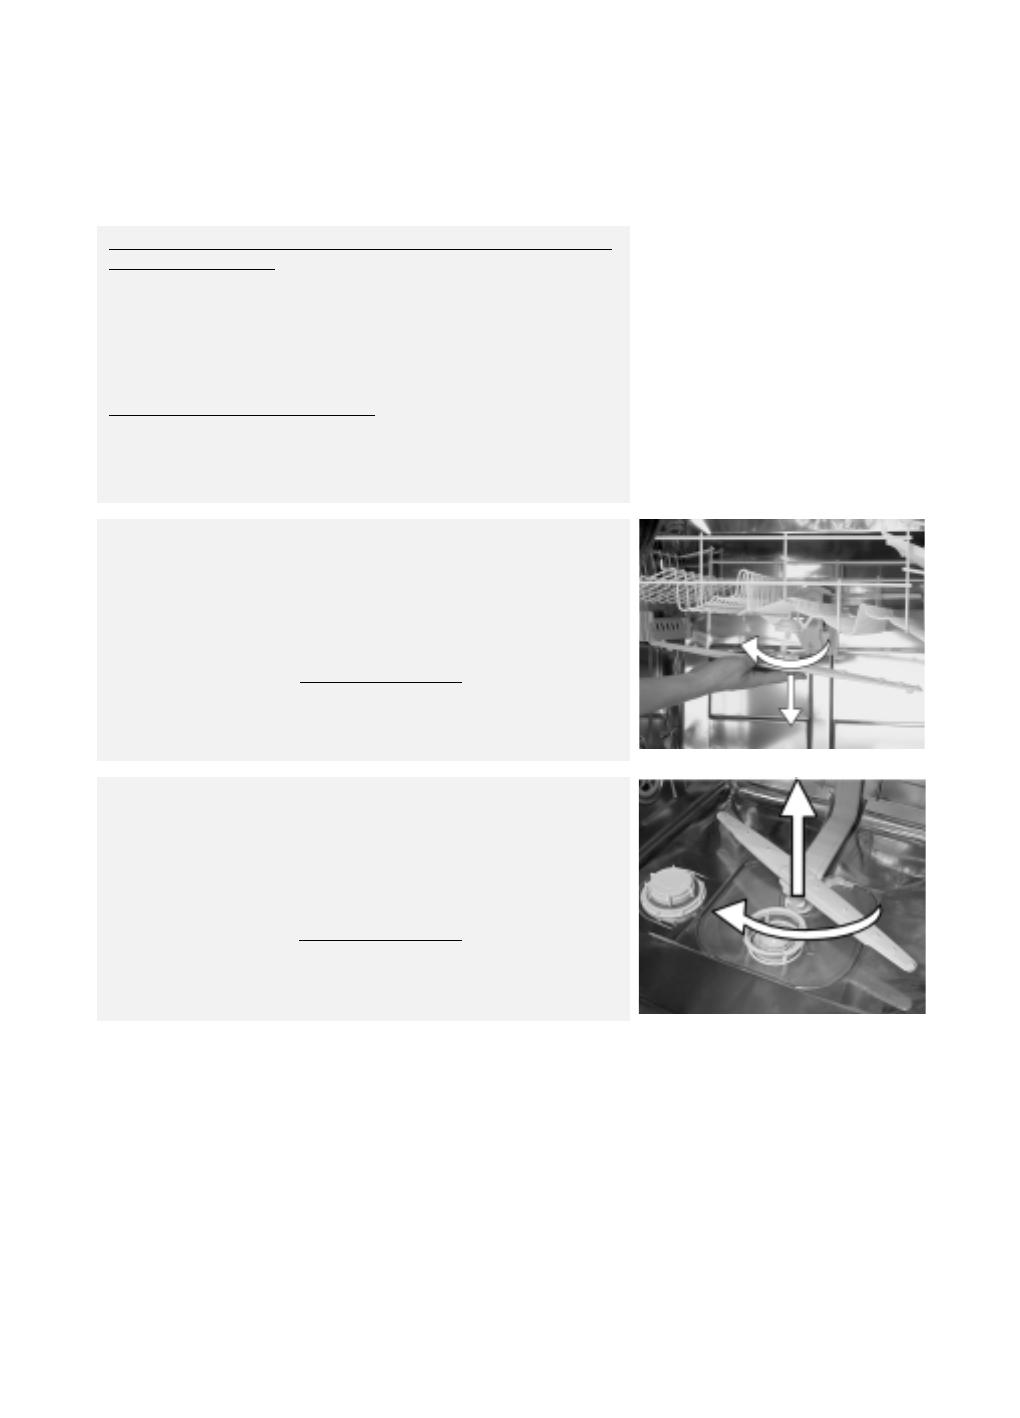 bedienungsanleitung whirlpool renlig dwh b00 seite 8 von 9 deutsch. Black Bedroom Furniture Sets. Home Design Ideas